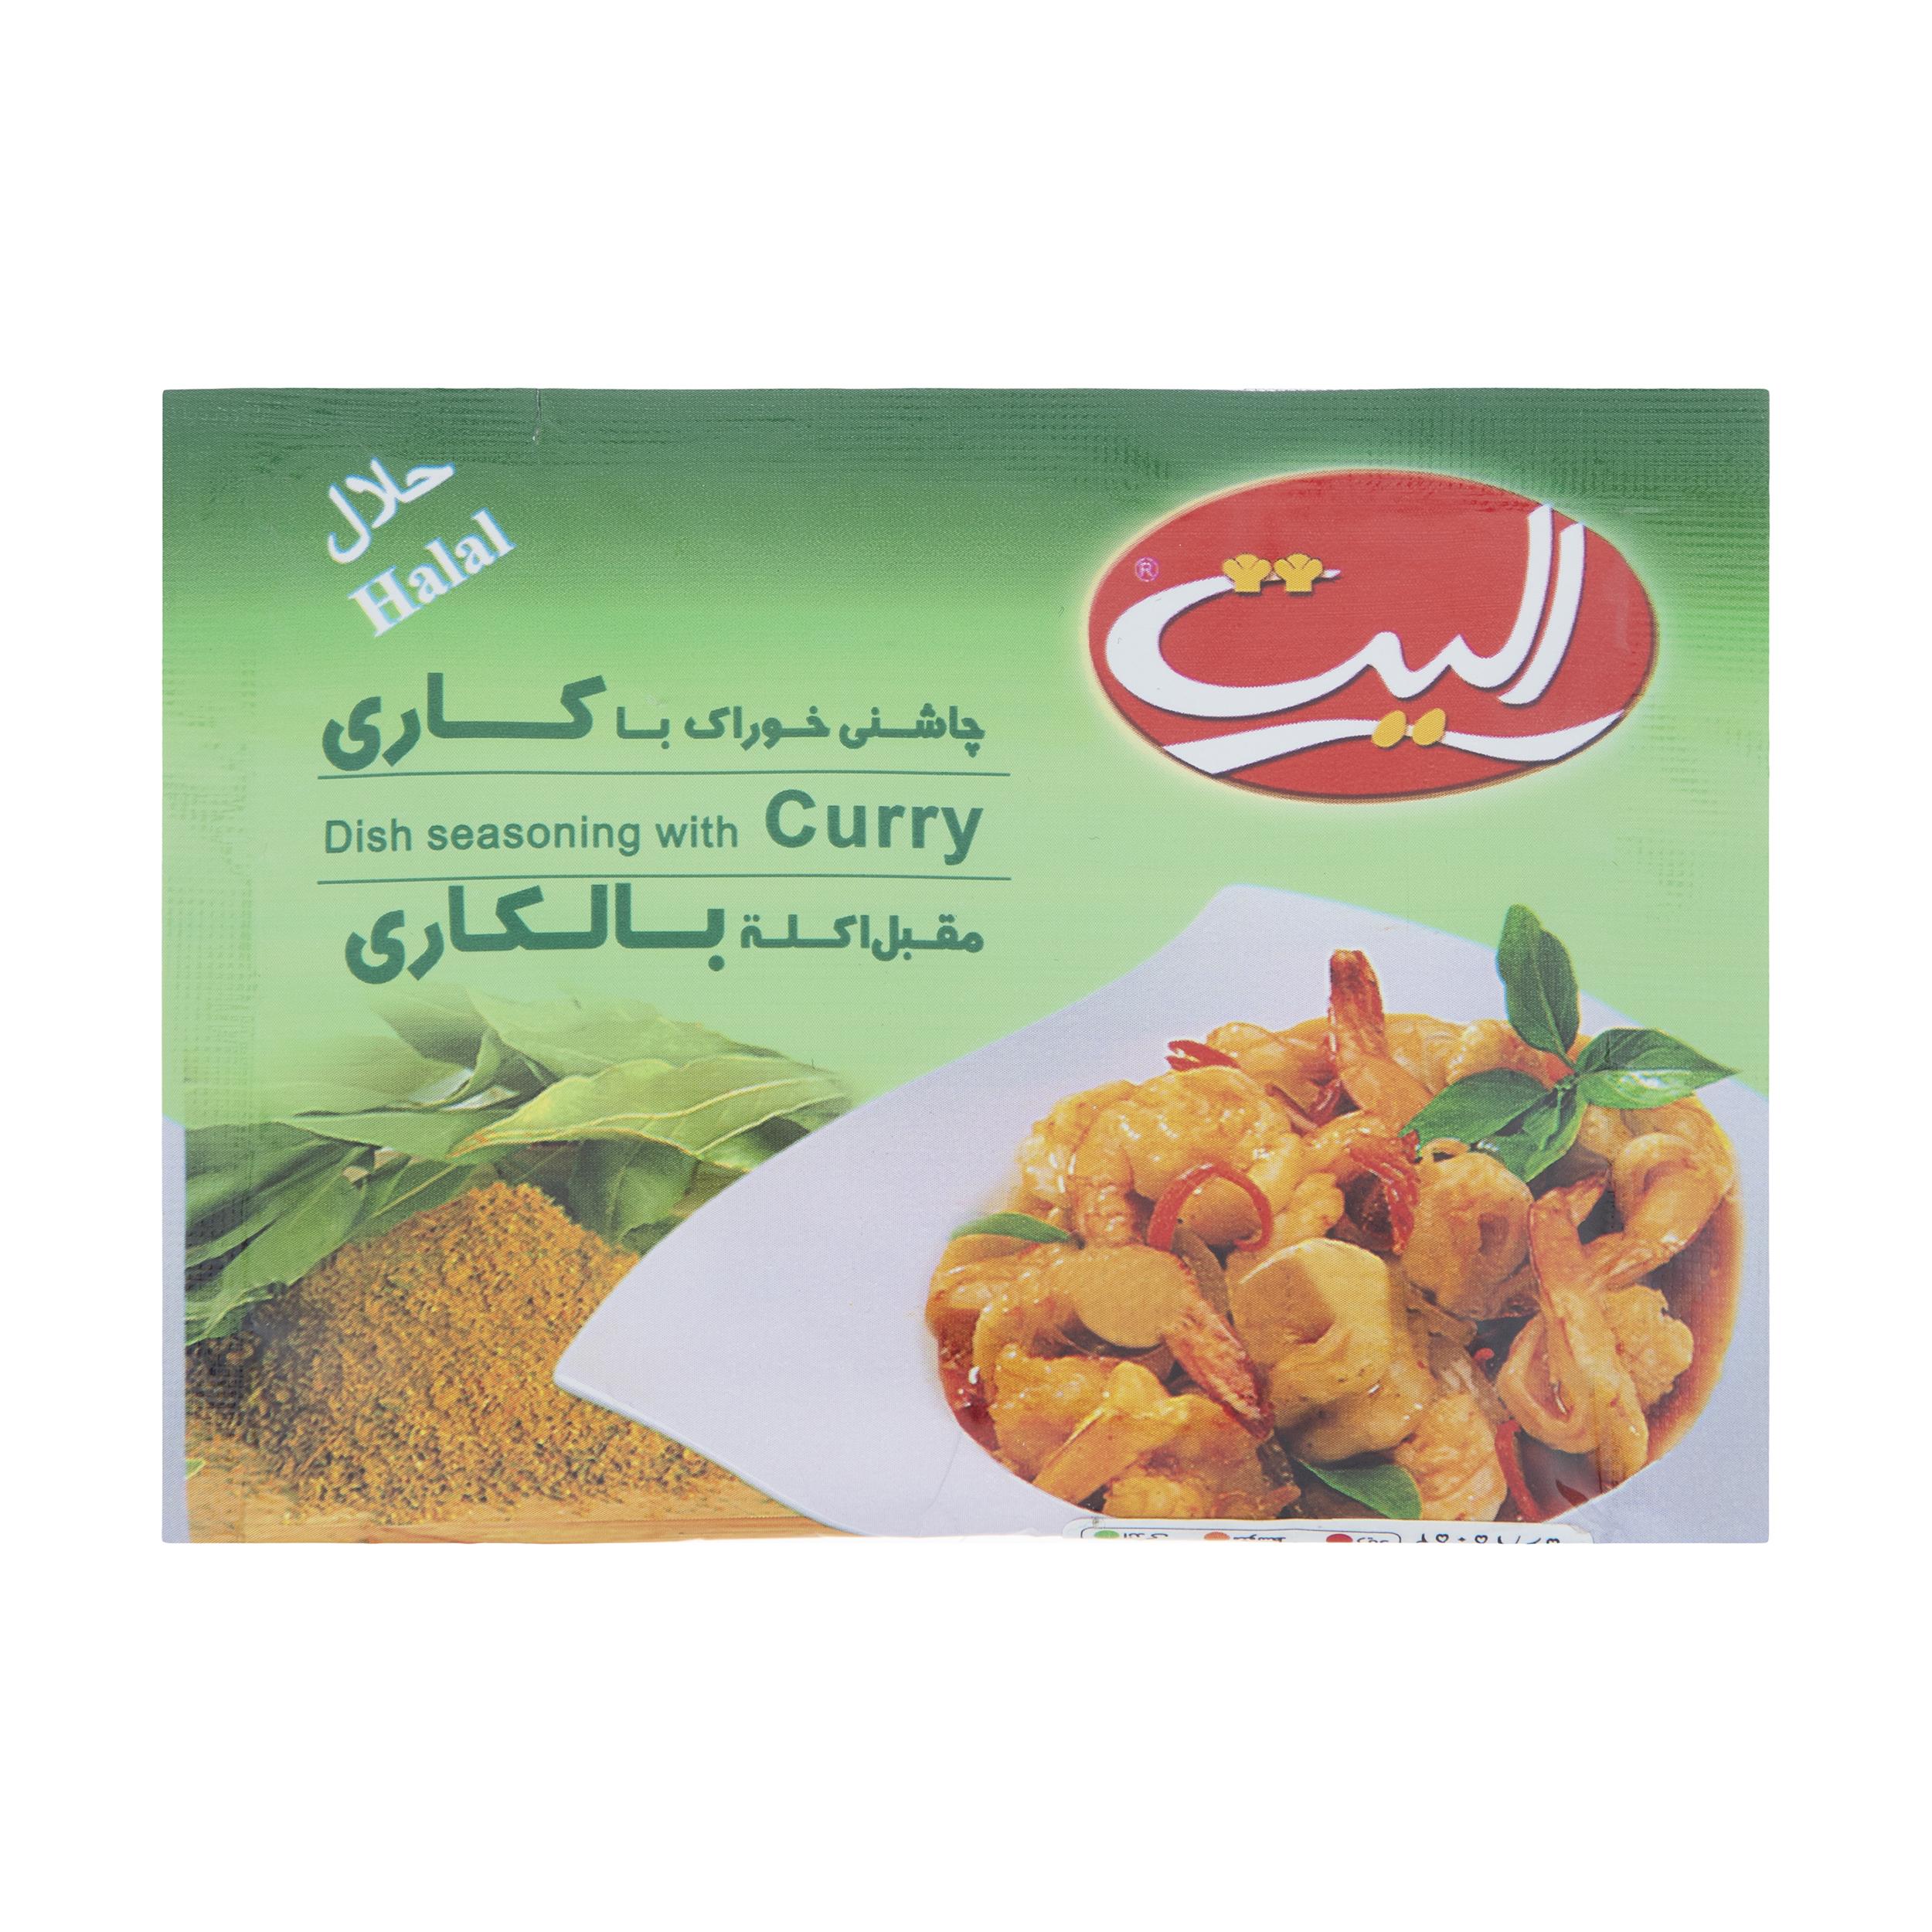 خرید                      چاشنی خوراک با کاری الیت - 15 گرم